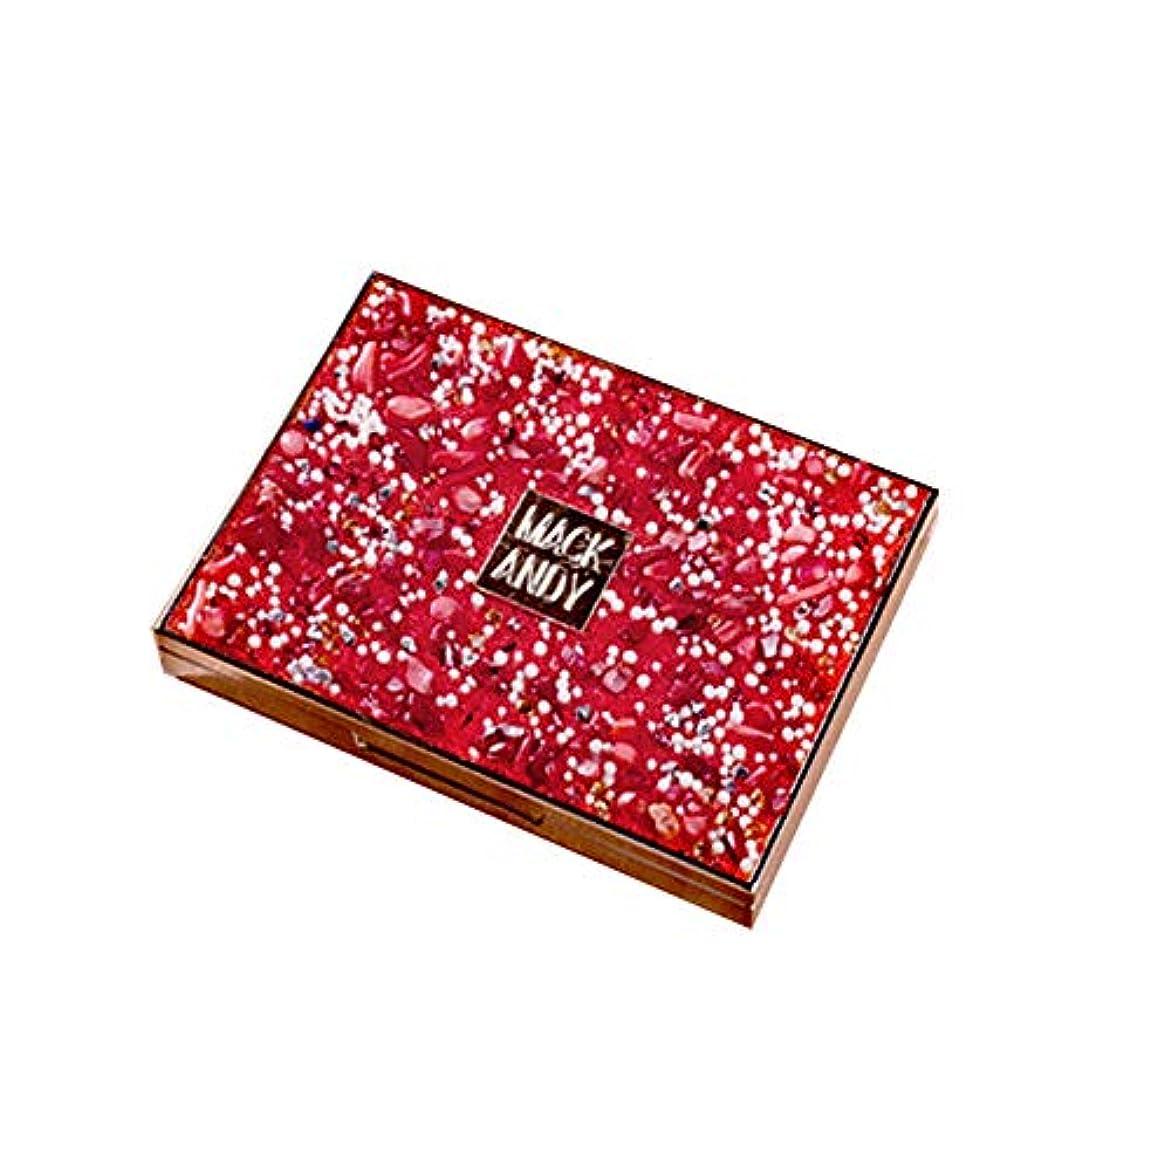 昼食もし砦アイシャドウ 8色 ブラシ付き スパンコール 女子力 パウダー パールアイシャドウ メイクパレット アイシャドー メイクパレット グリッター 女性 日常 日韓風 携帯便利 極め細かいアイメイクhuajuan (RD)